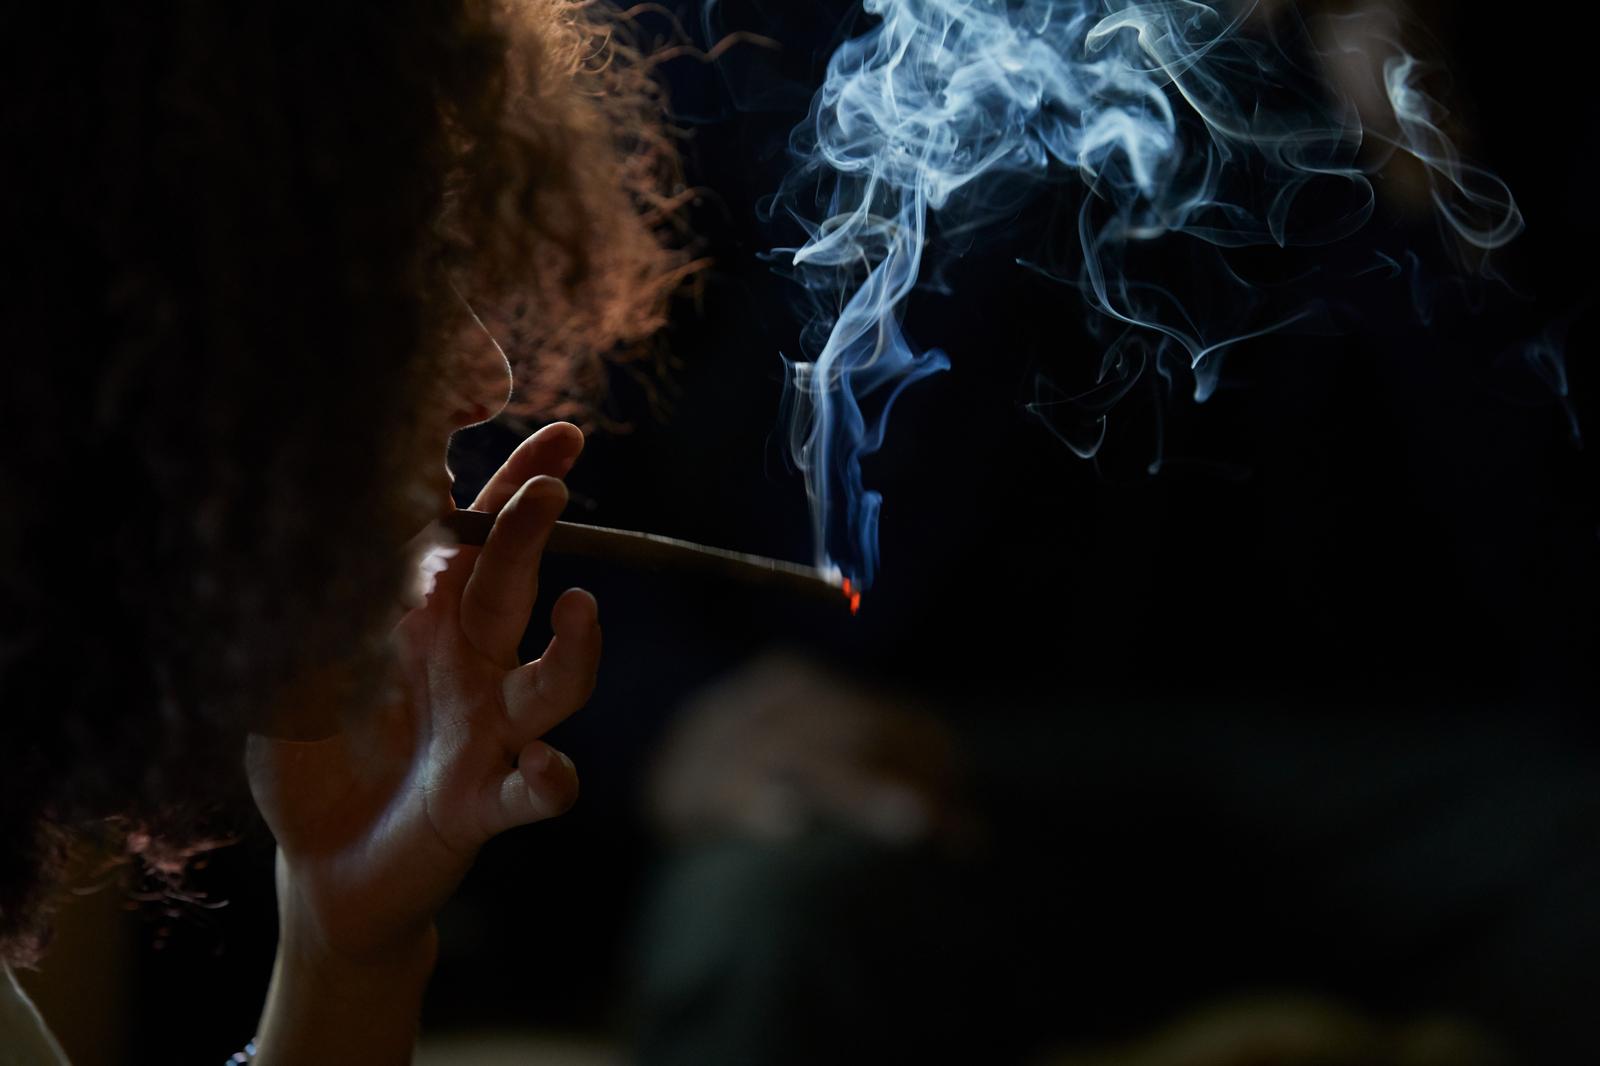 smoking blunt